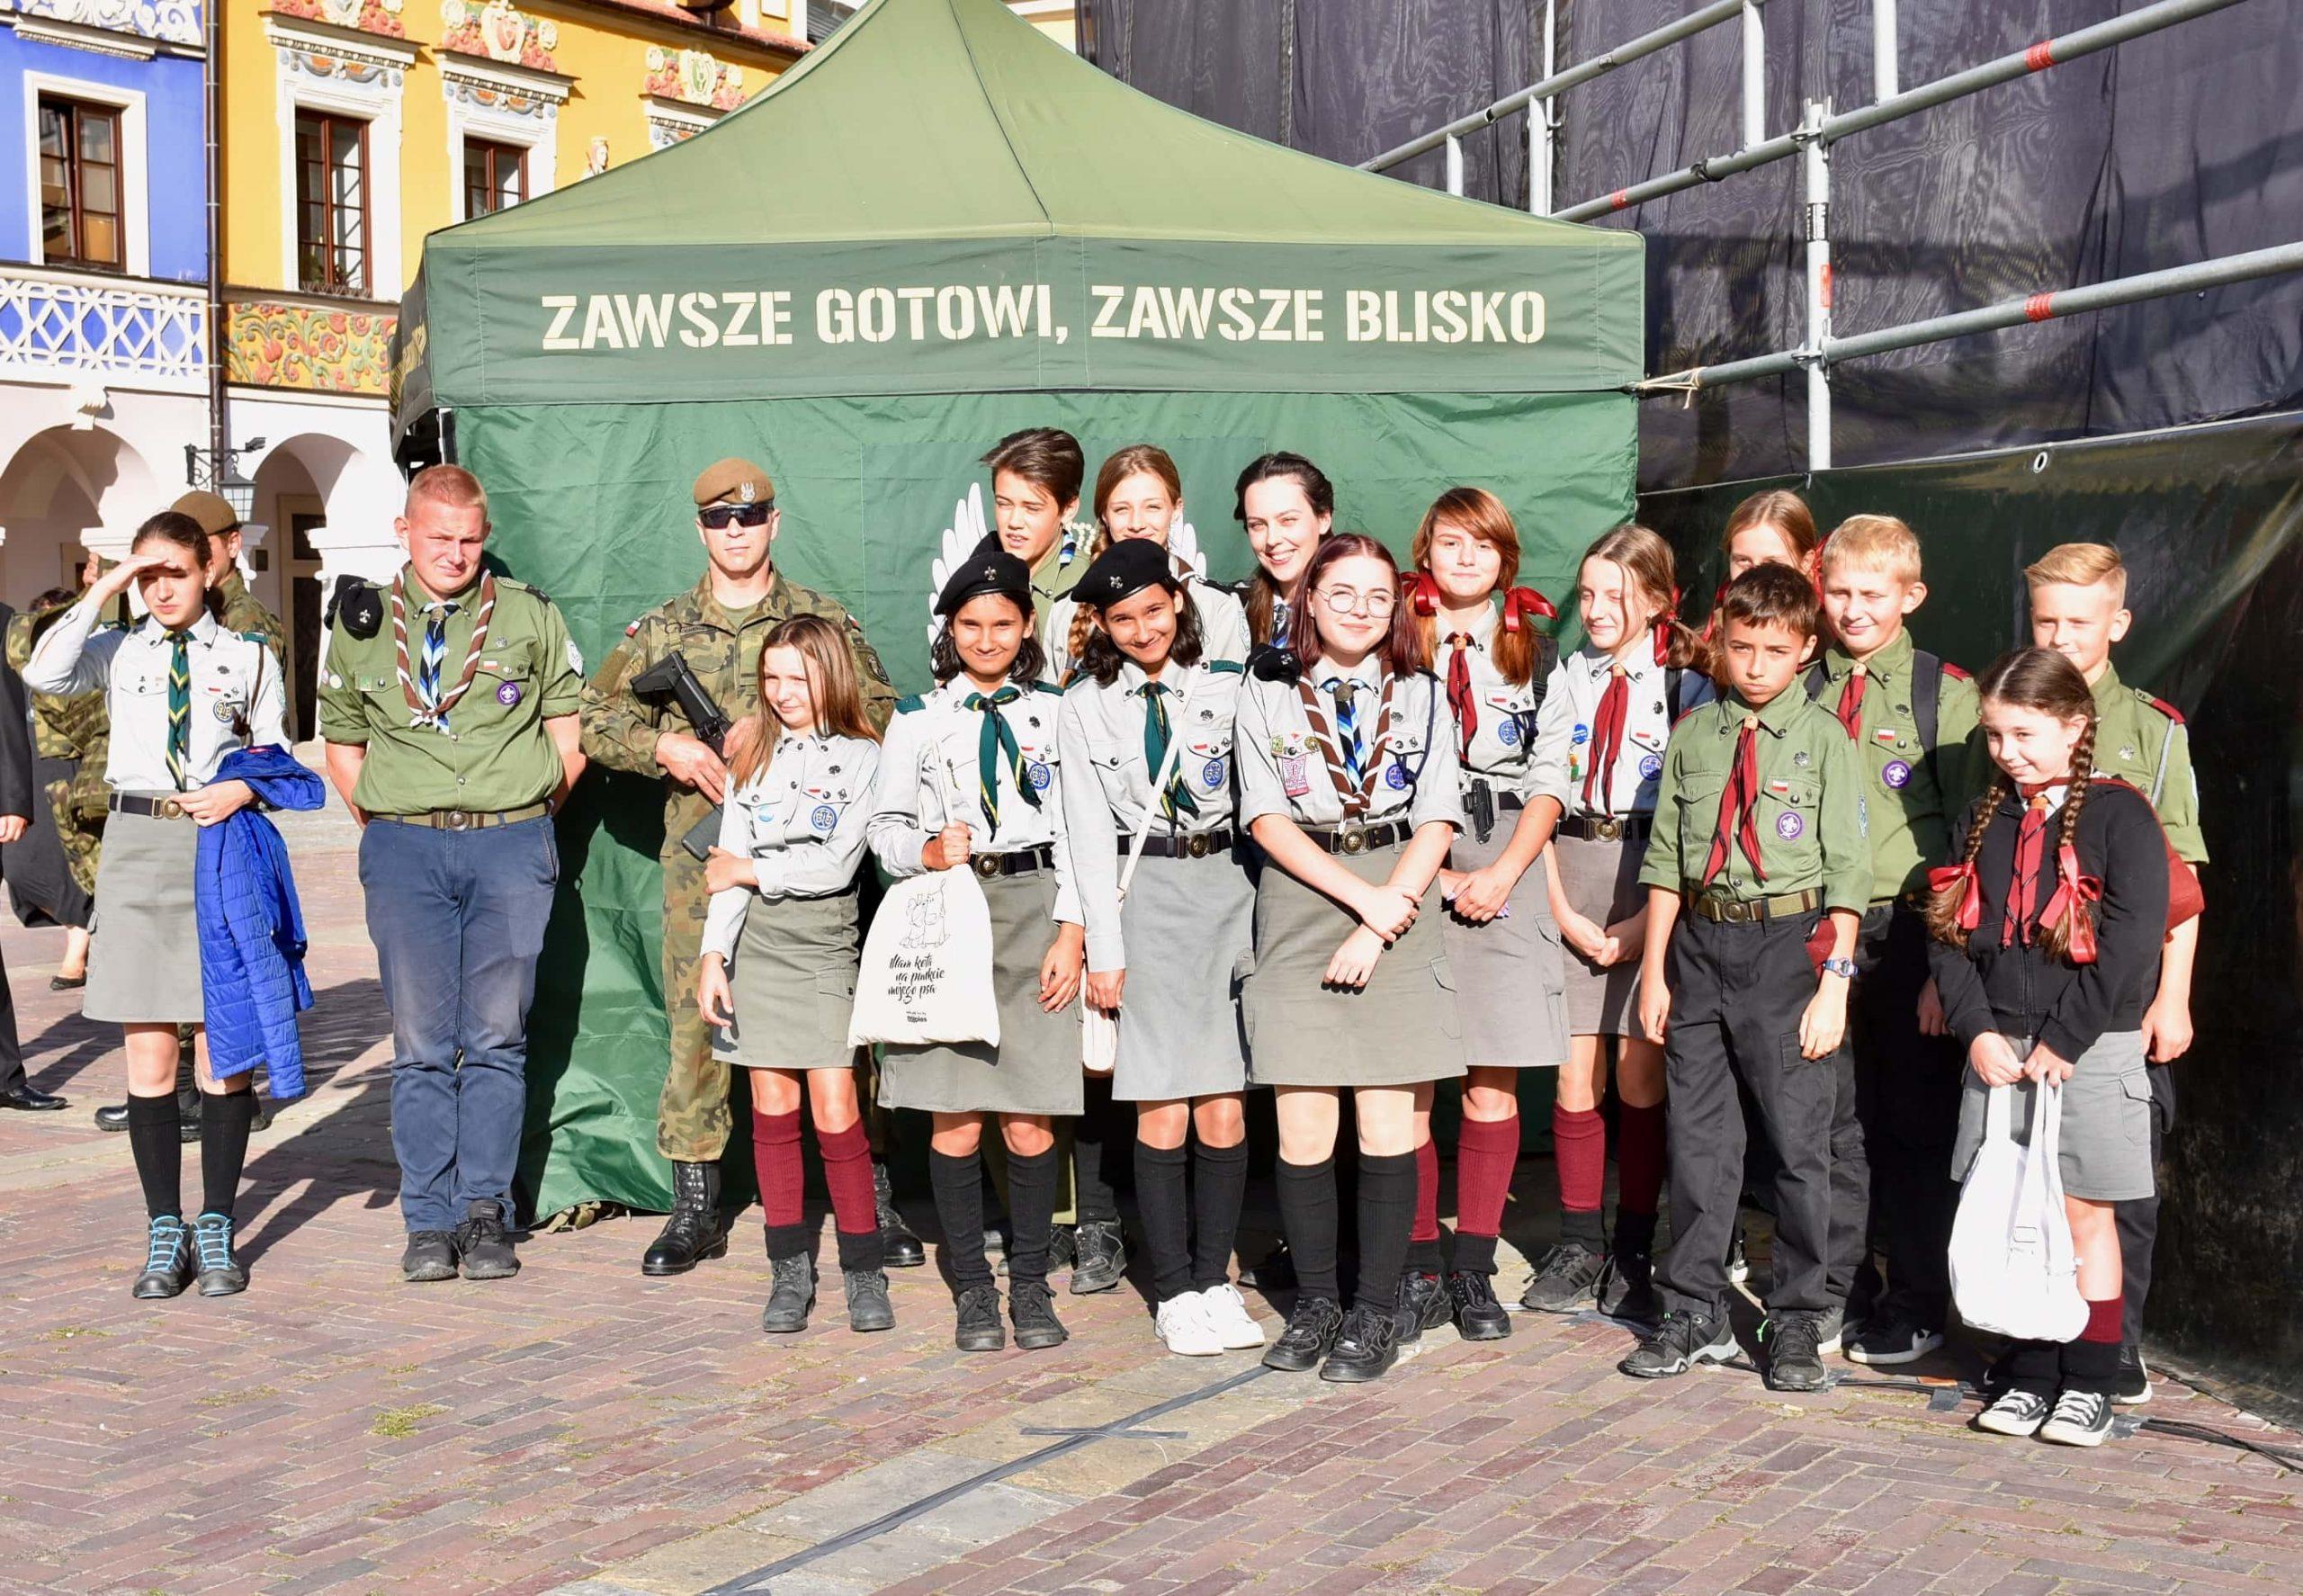 dsc 7216 scaled Tyle zniczy ilu zamordowanych w Katyniu (dużo zdjęć)